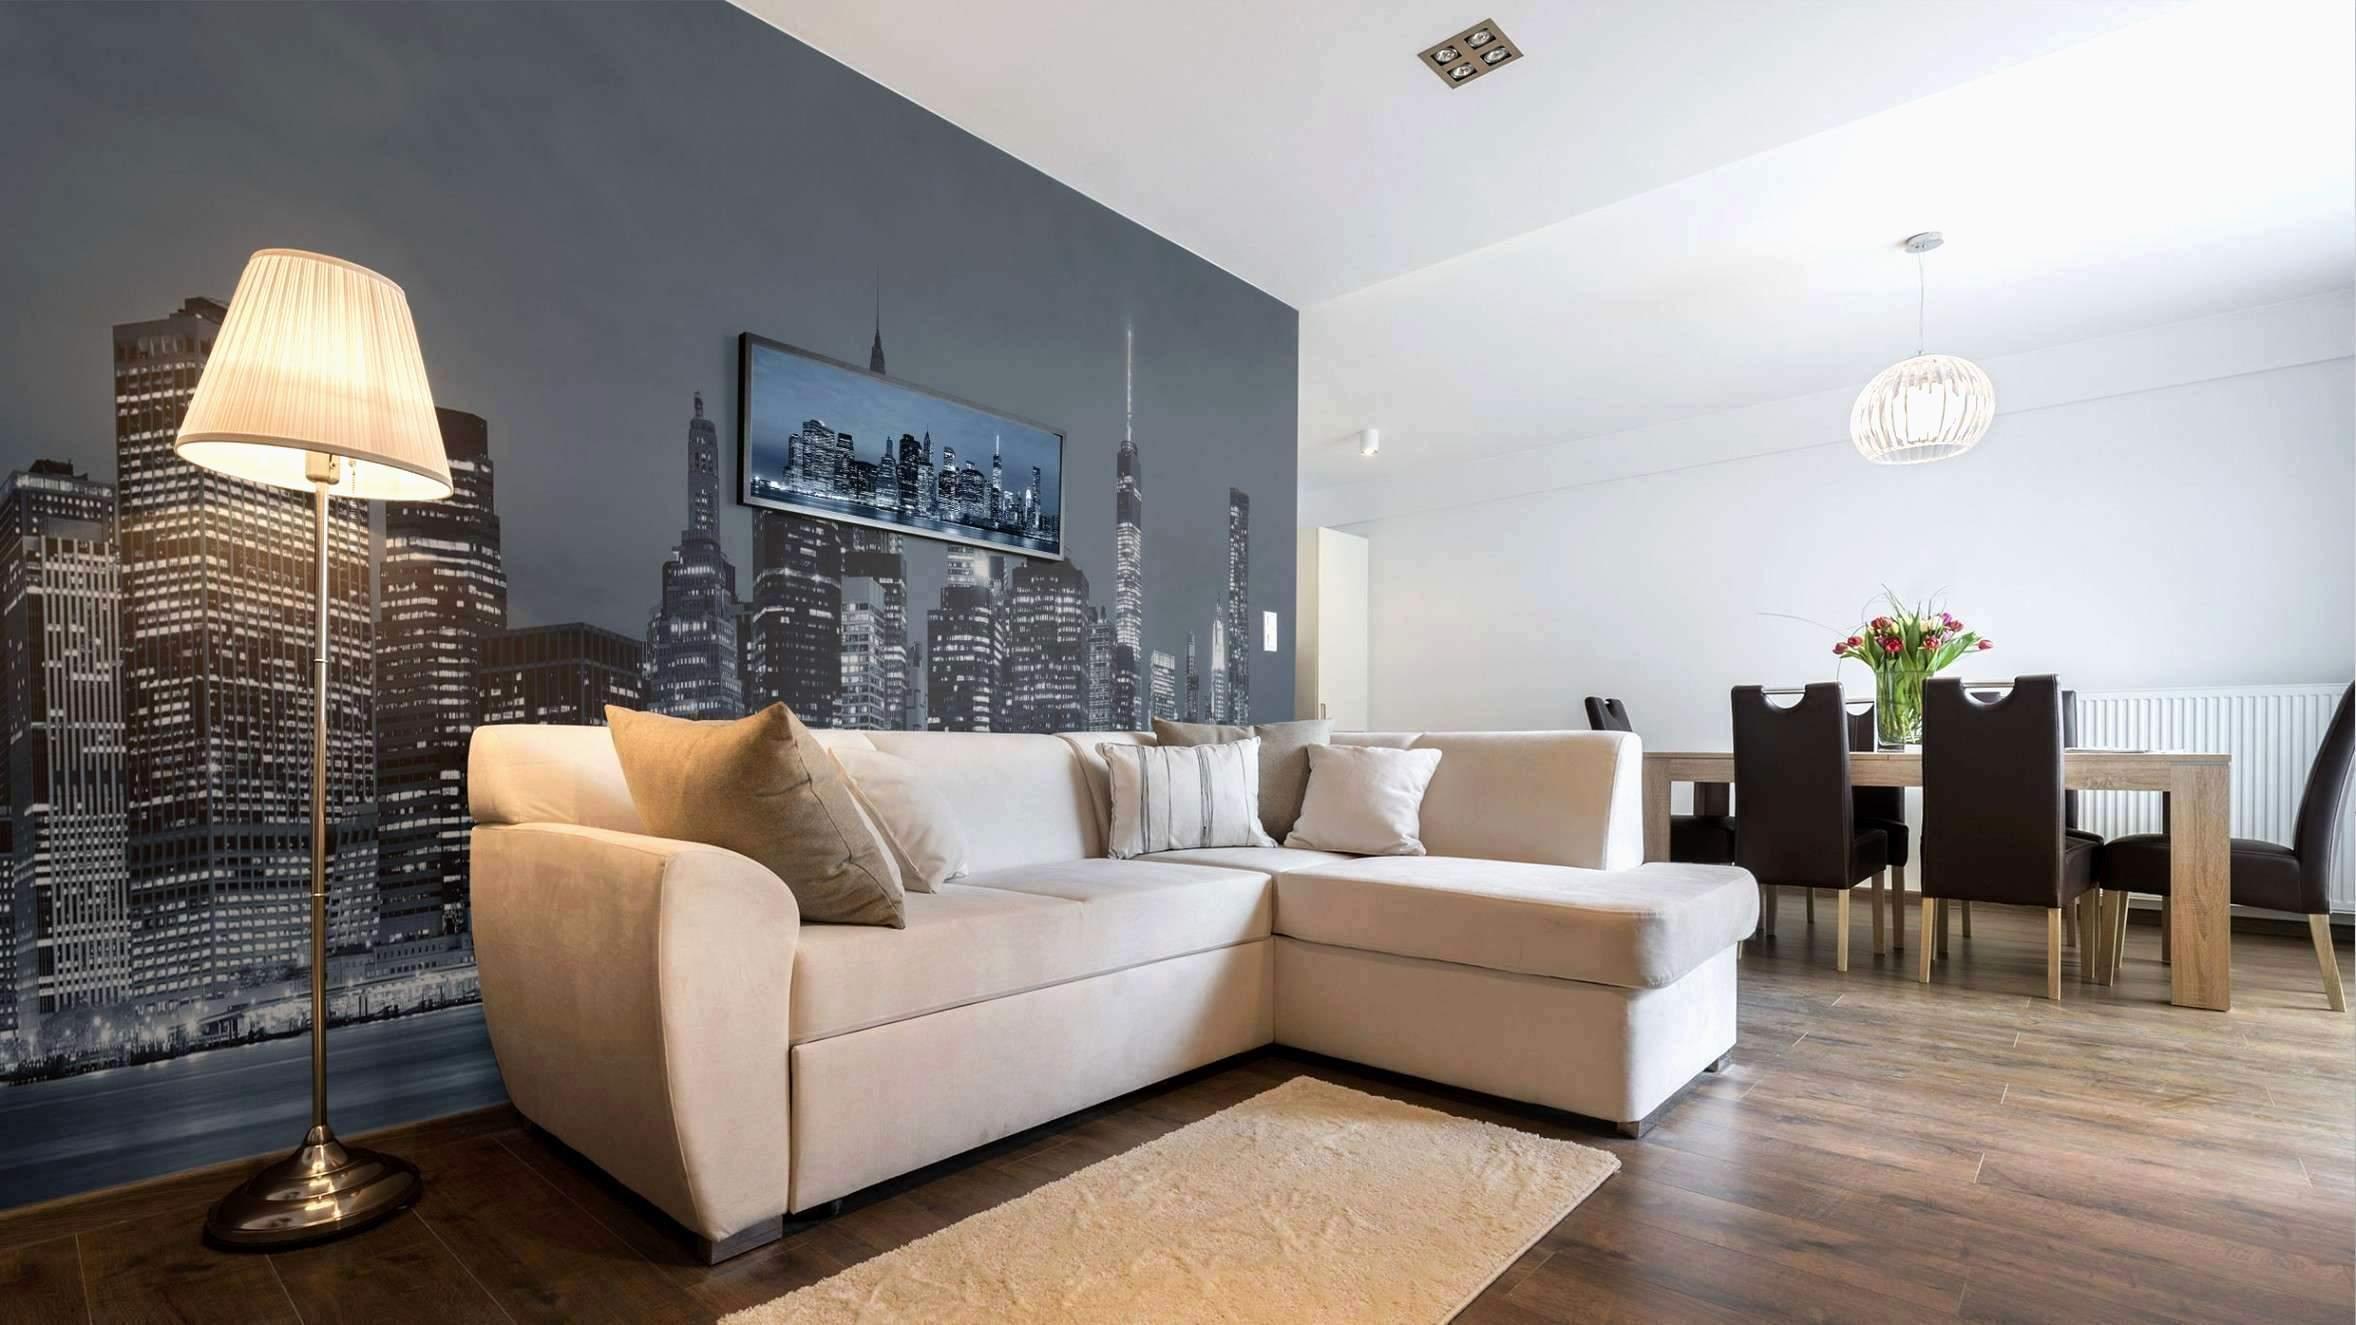 garten modern gestalten frisch 32 luxus wohnideen wohnzimmer modern schon of garten modern gestalten